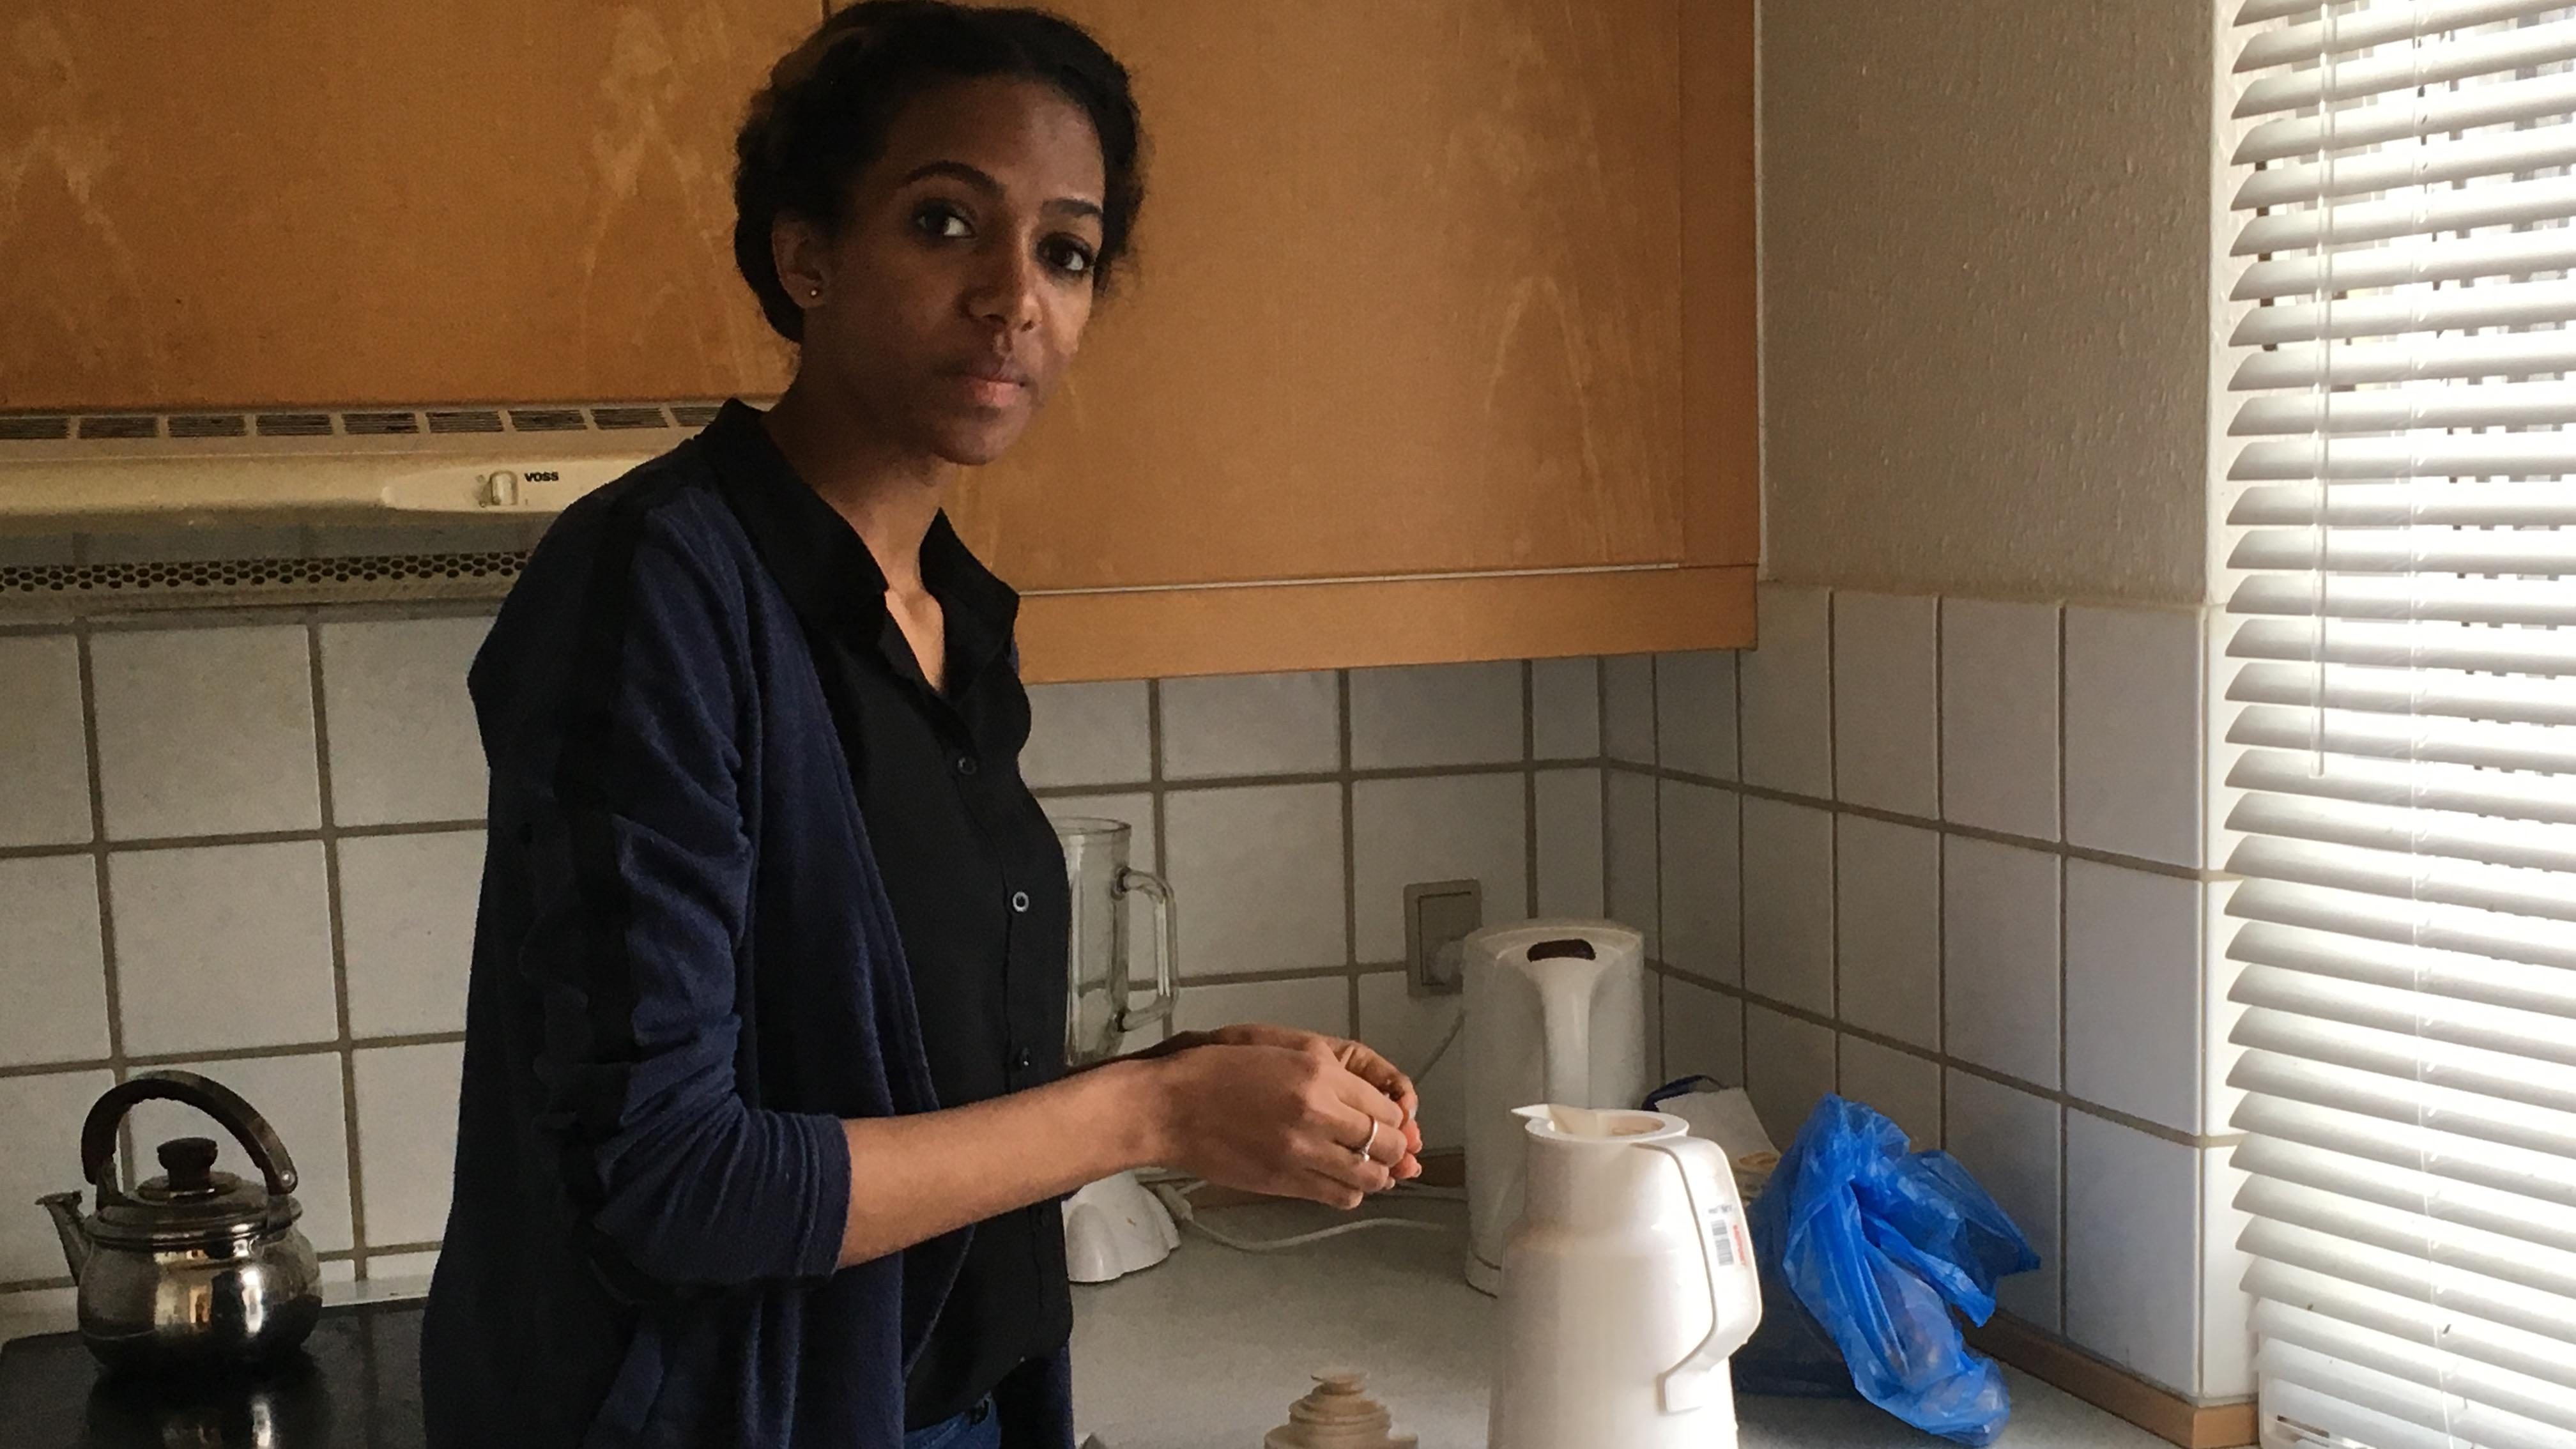 Niat Flygtning eritrea